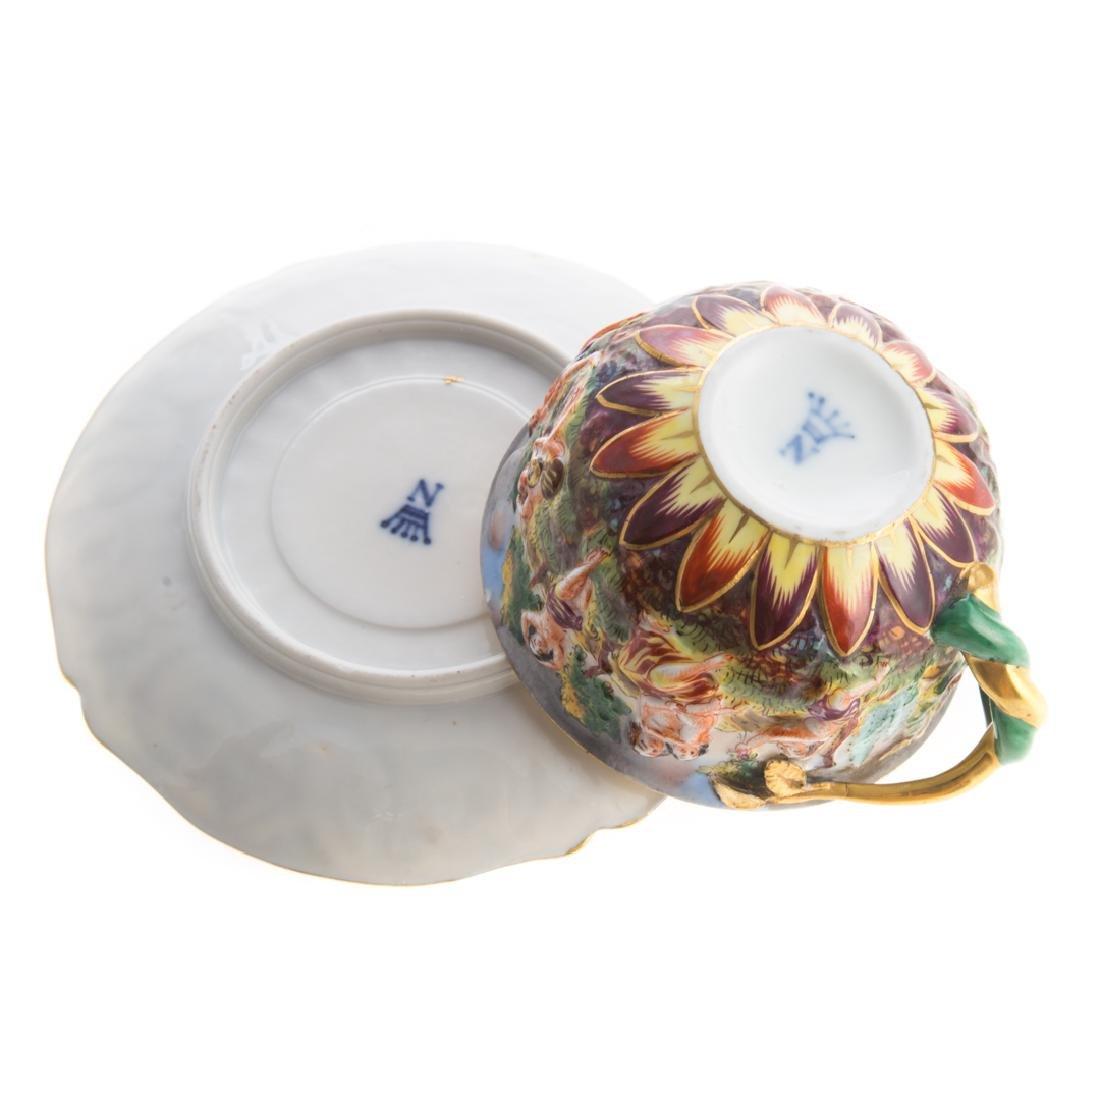 Five Capodimonte porcelain tea articles - 7